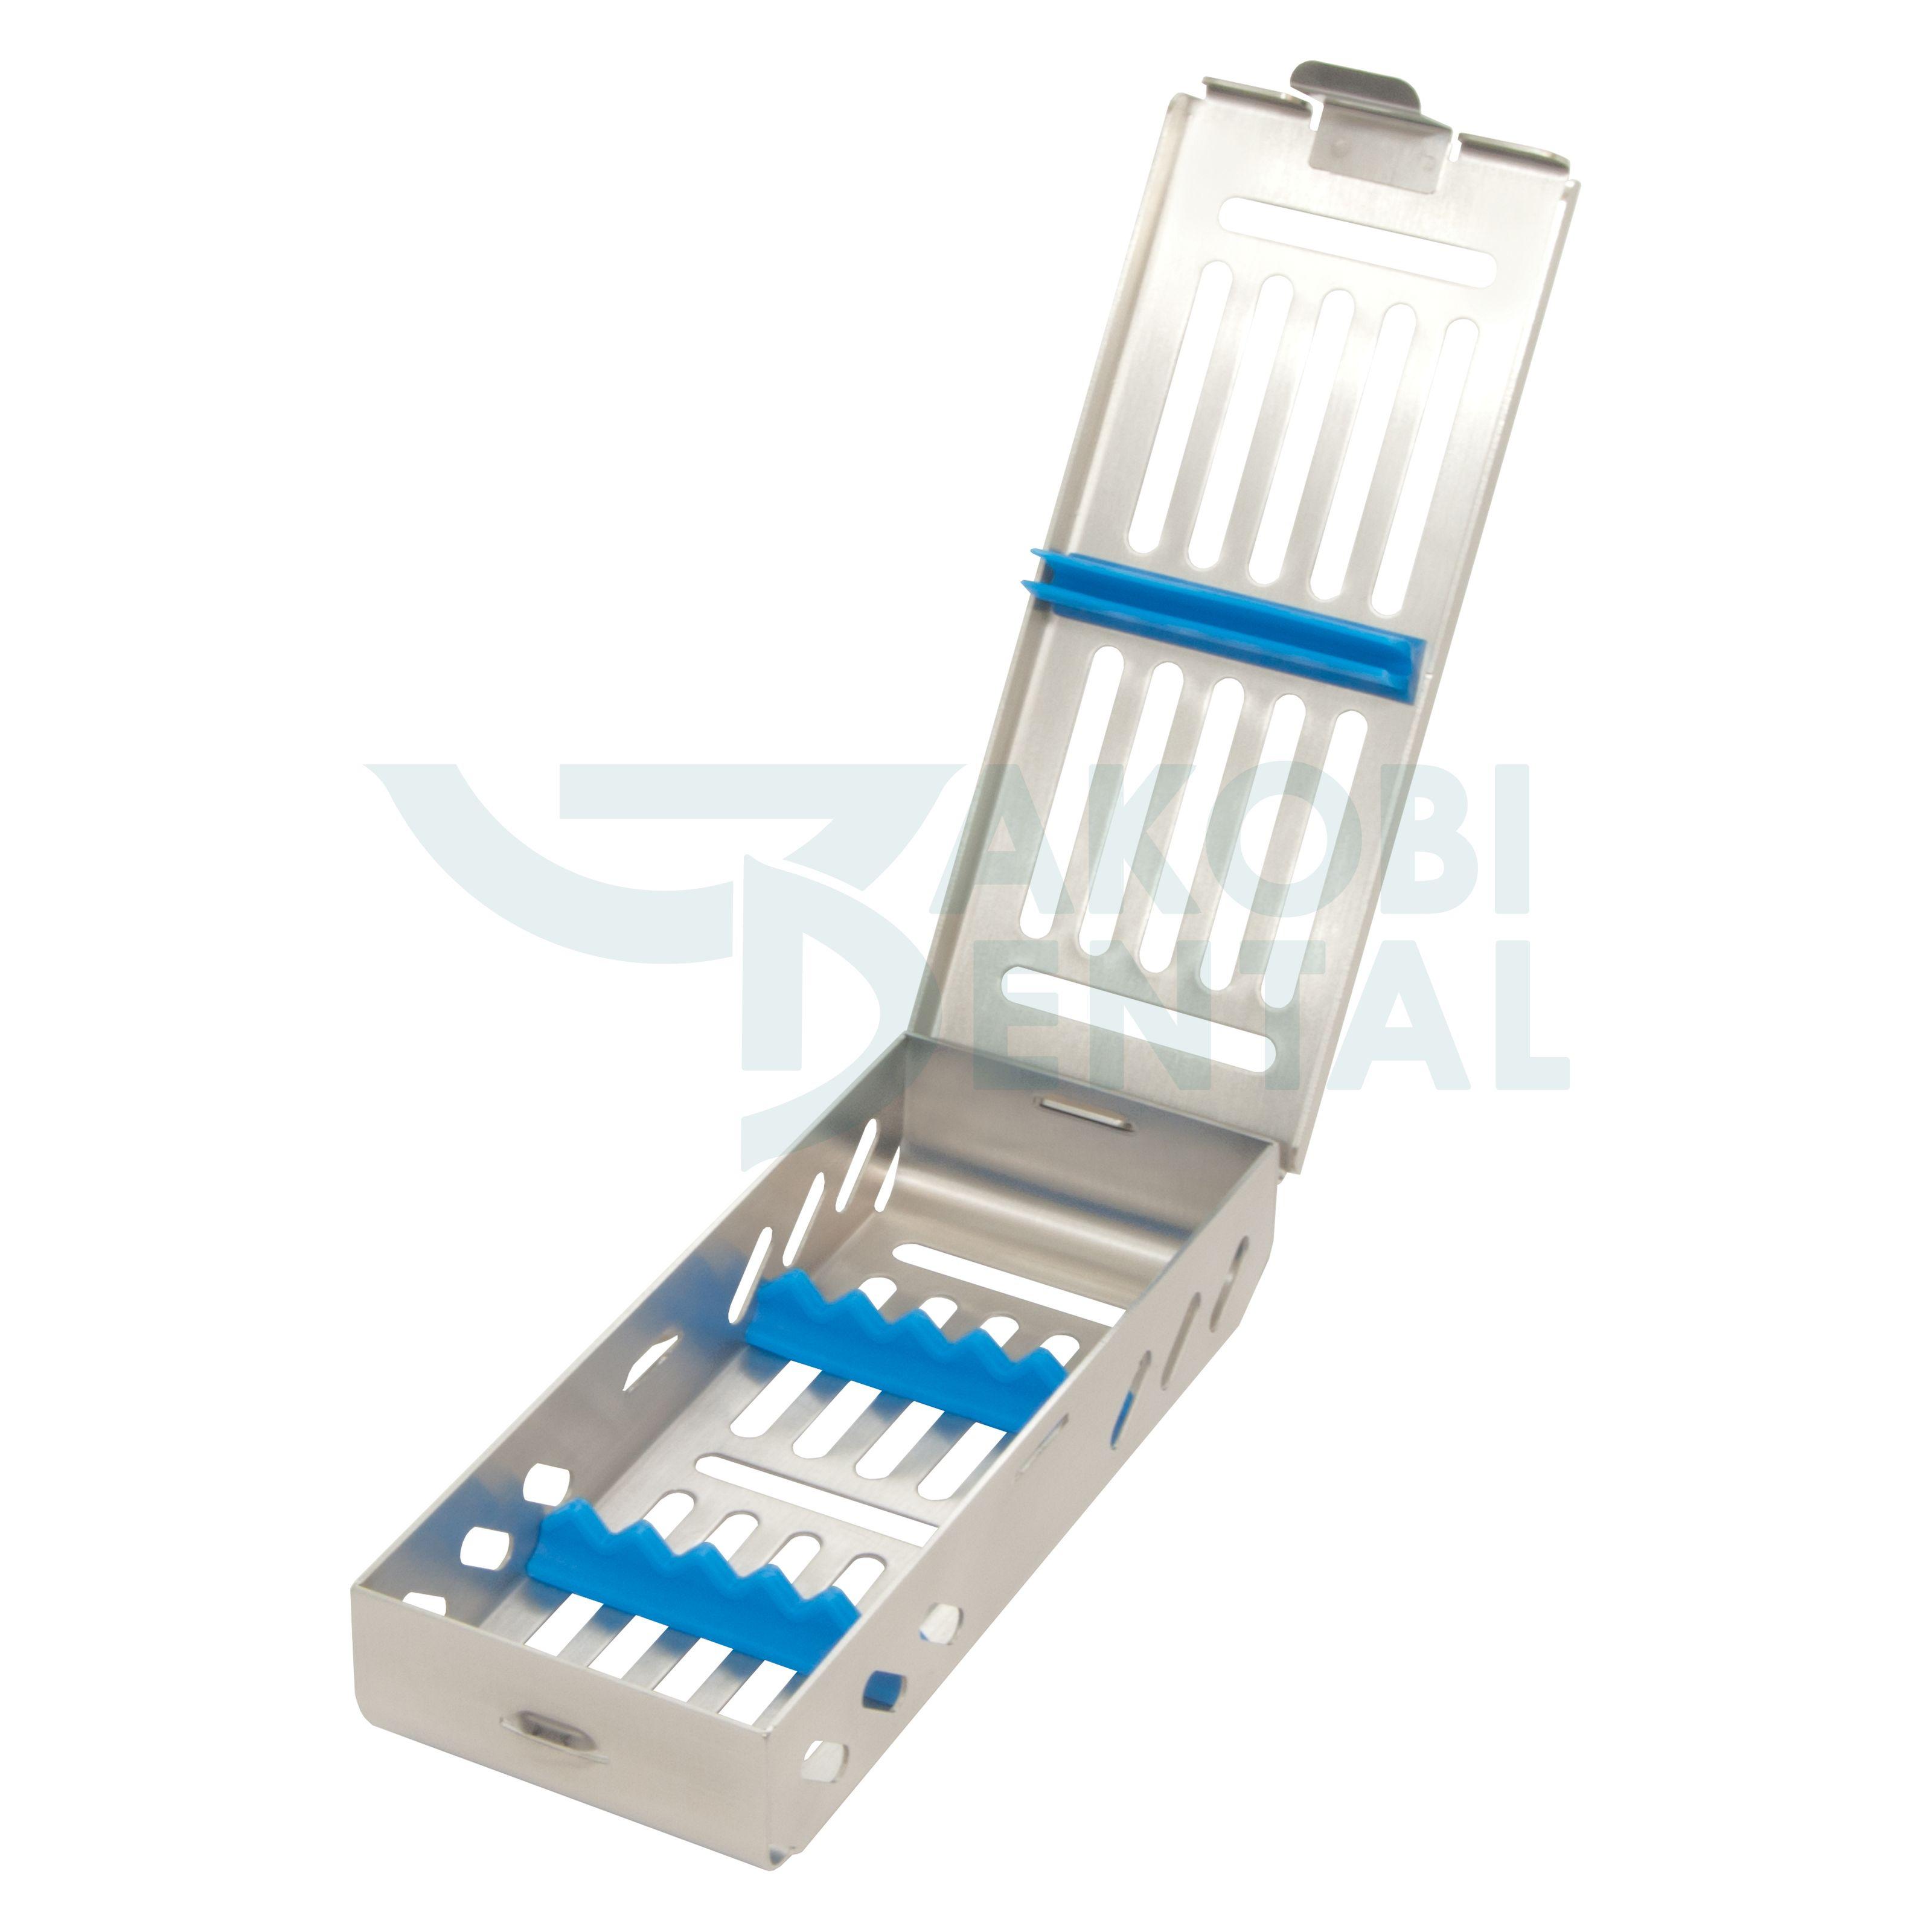 1/4DIN Kassette / Waschtray für 5 Instr. - Farbe wählbar